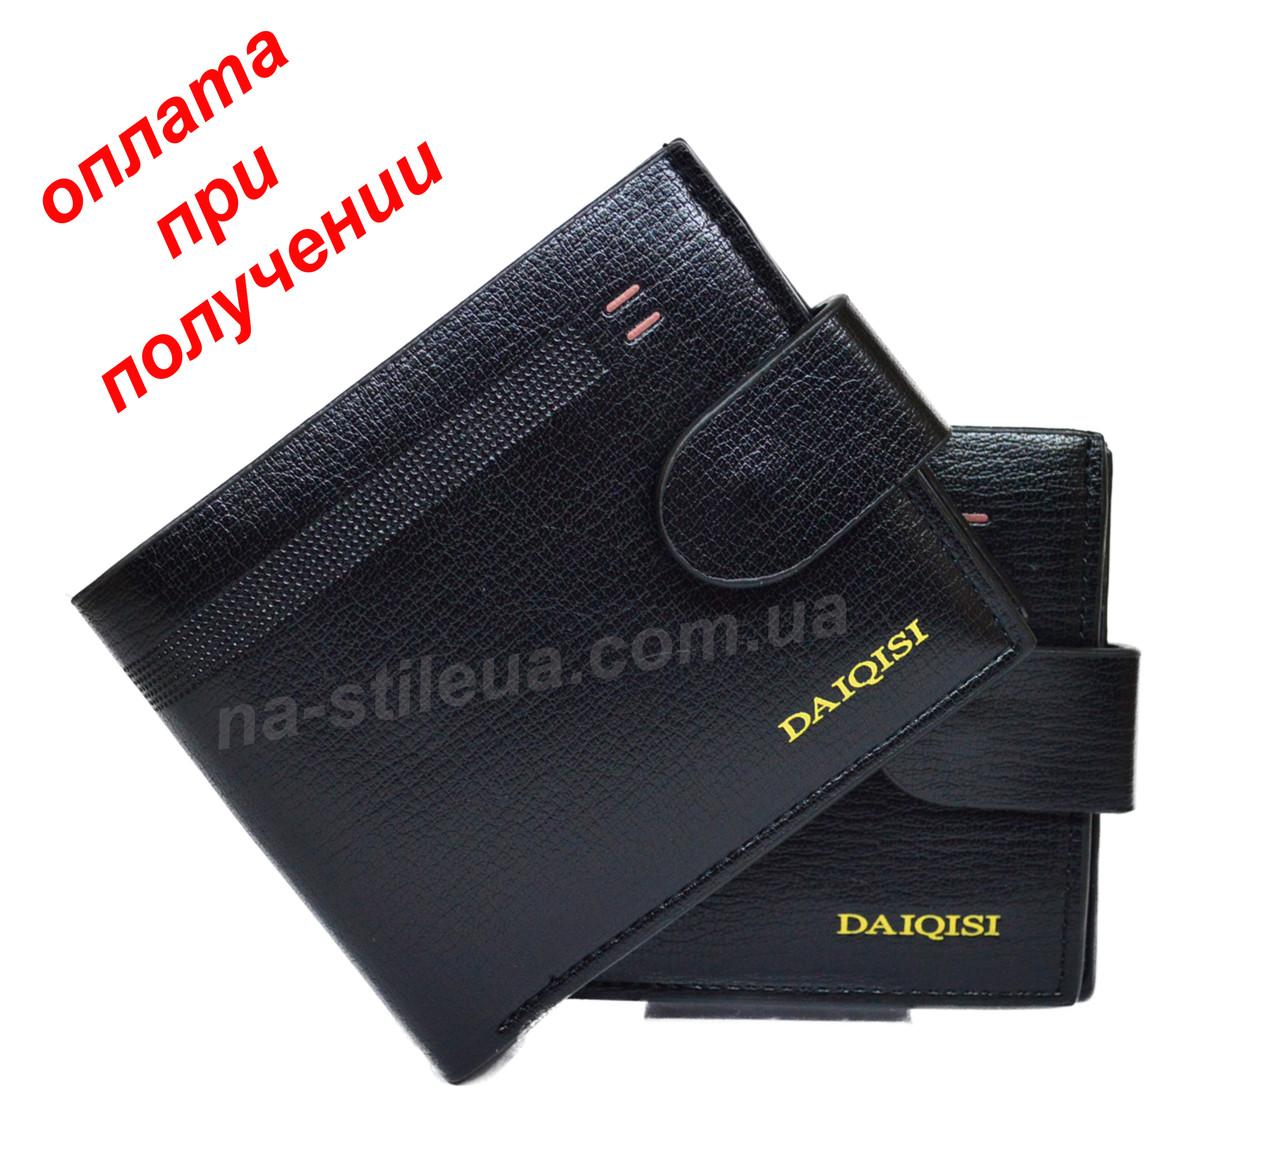 27c65a407bf8 Мужской кожаный кошелек портмоне гаманець бумажник DAIQISI купить ...